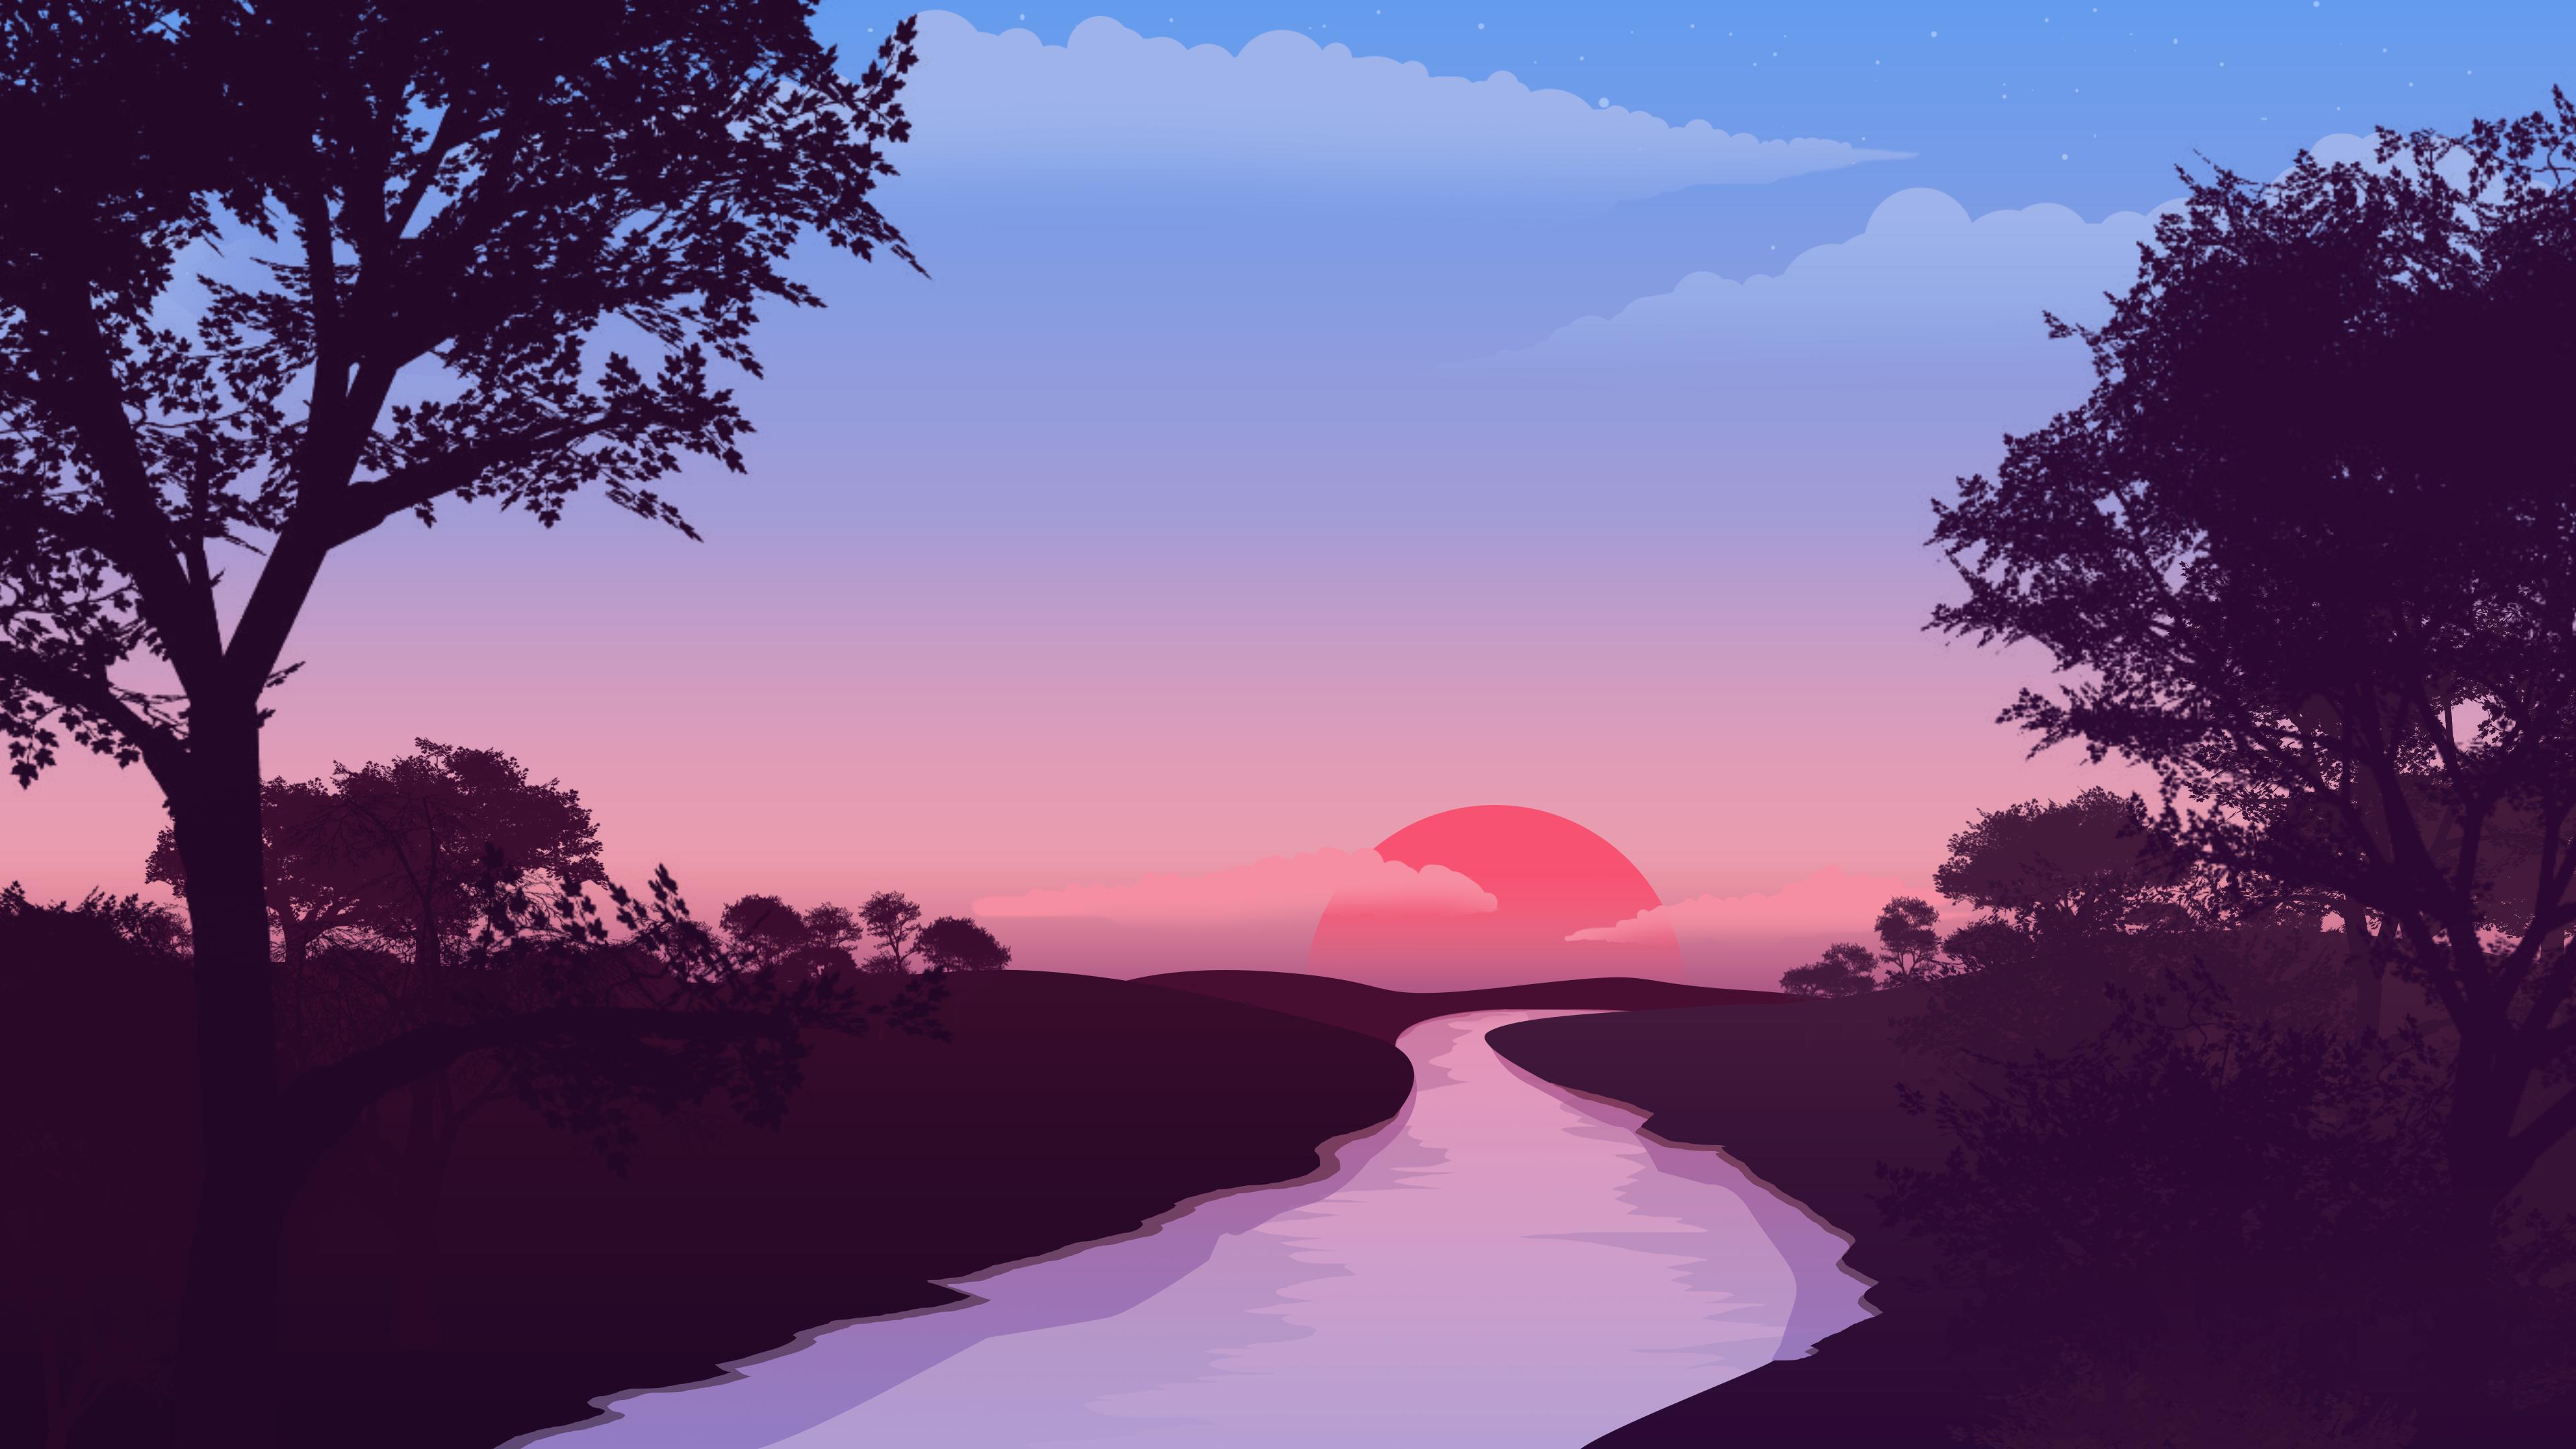 Minimalist River 4K wallpaper 3840x2160